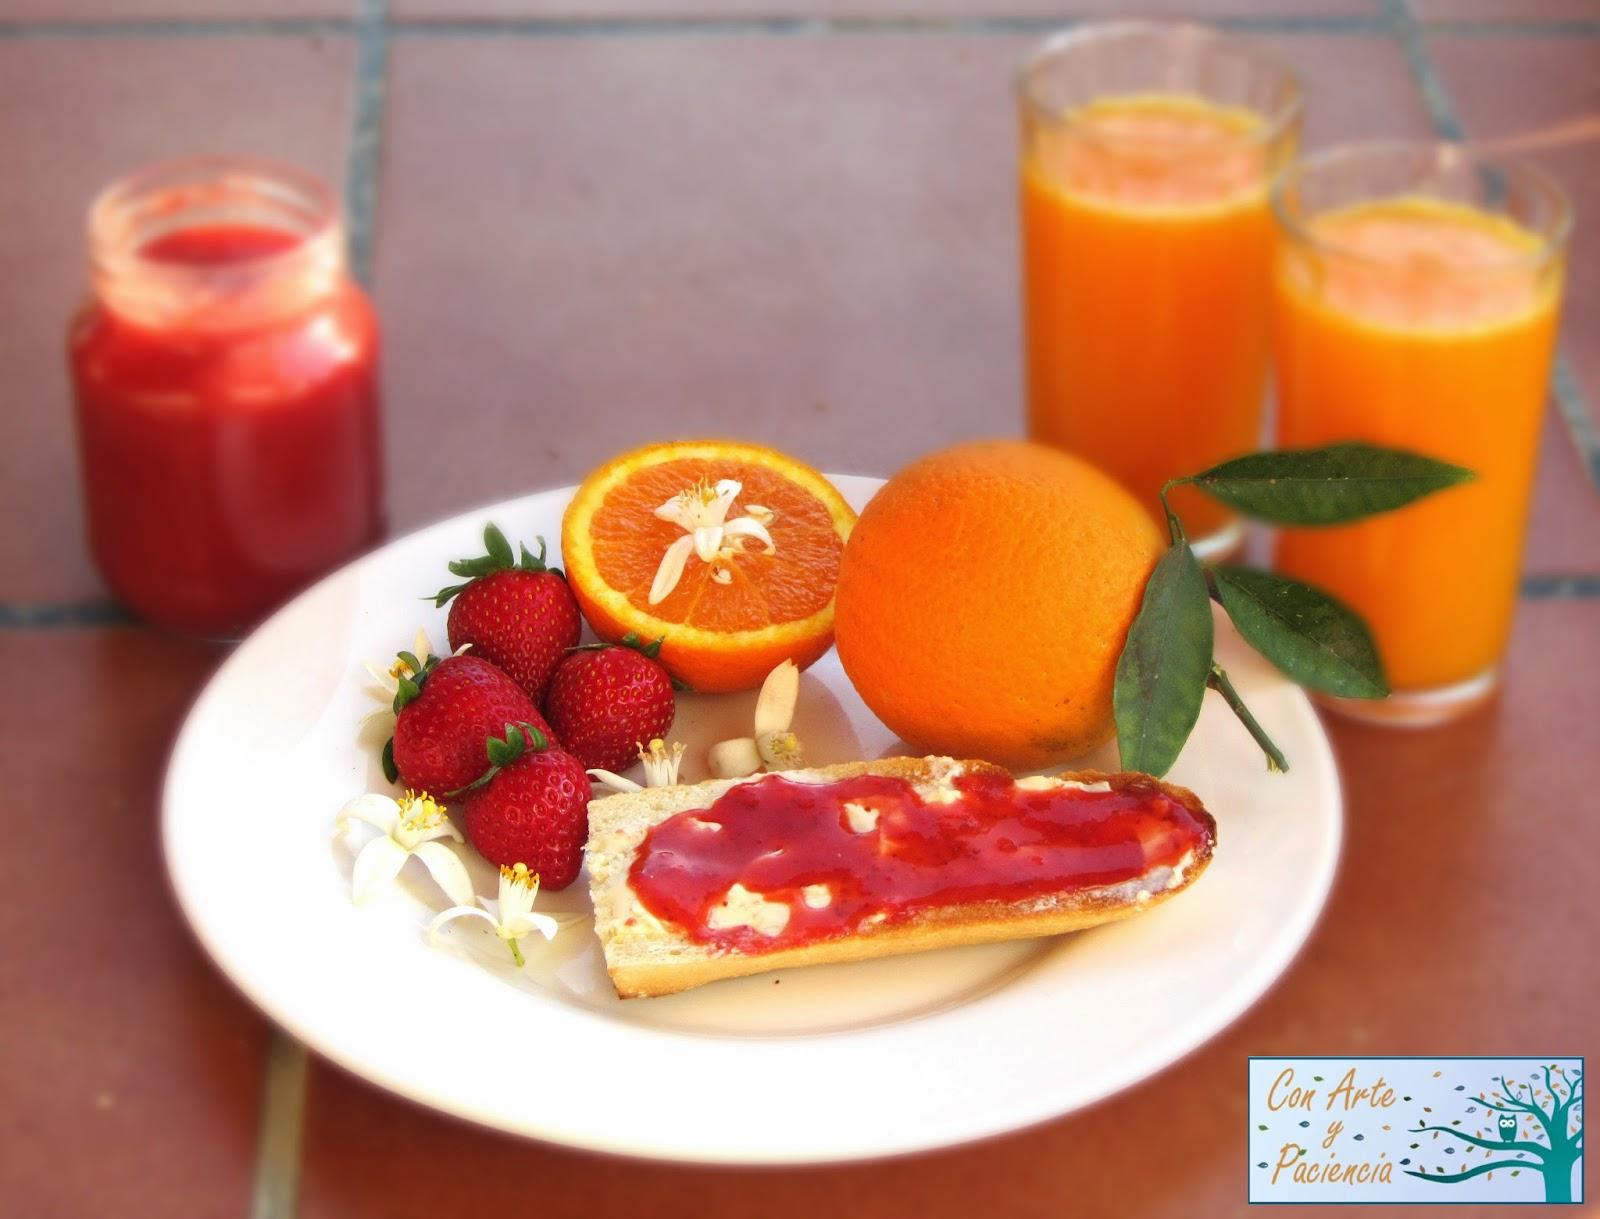 Mermelada,naranja,fresa,limón,canela,olla,frascos,zumo,tostadas,desayuno,deliciosos,clásico,delicias,meriendas,dulce,azúcar,